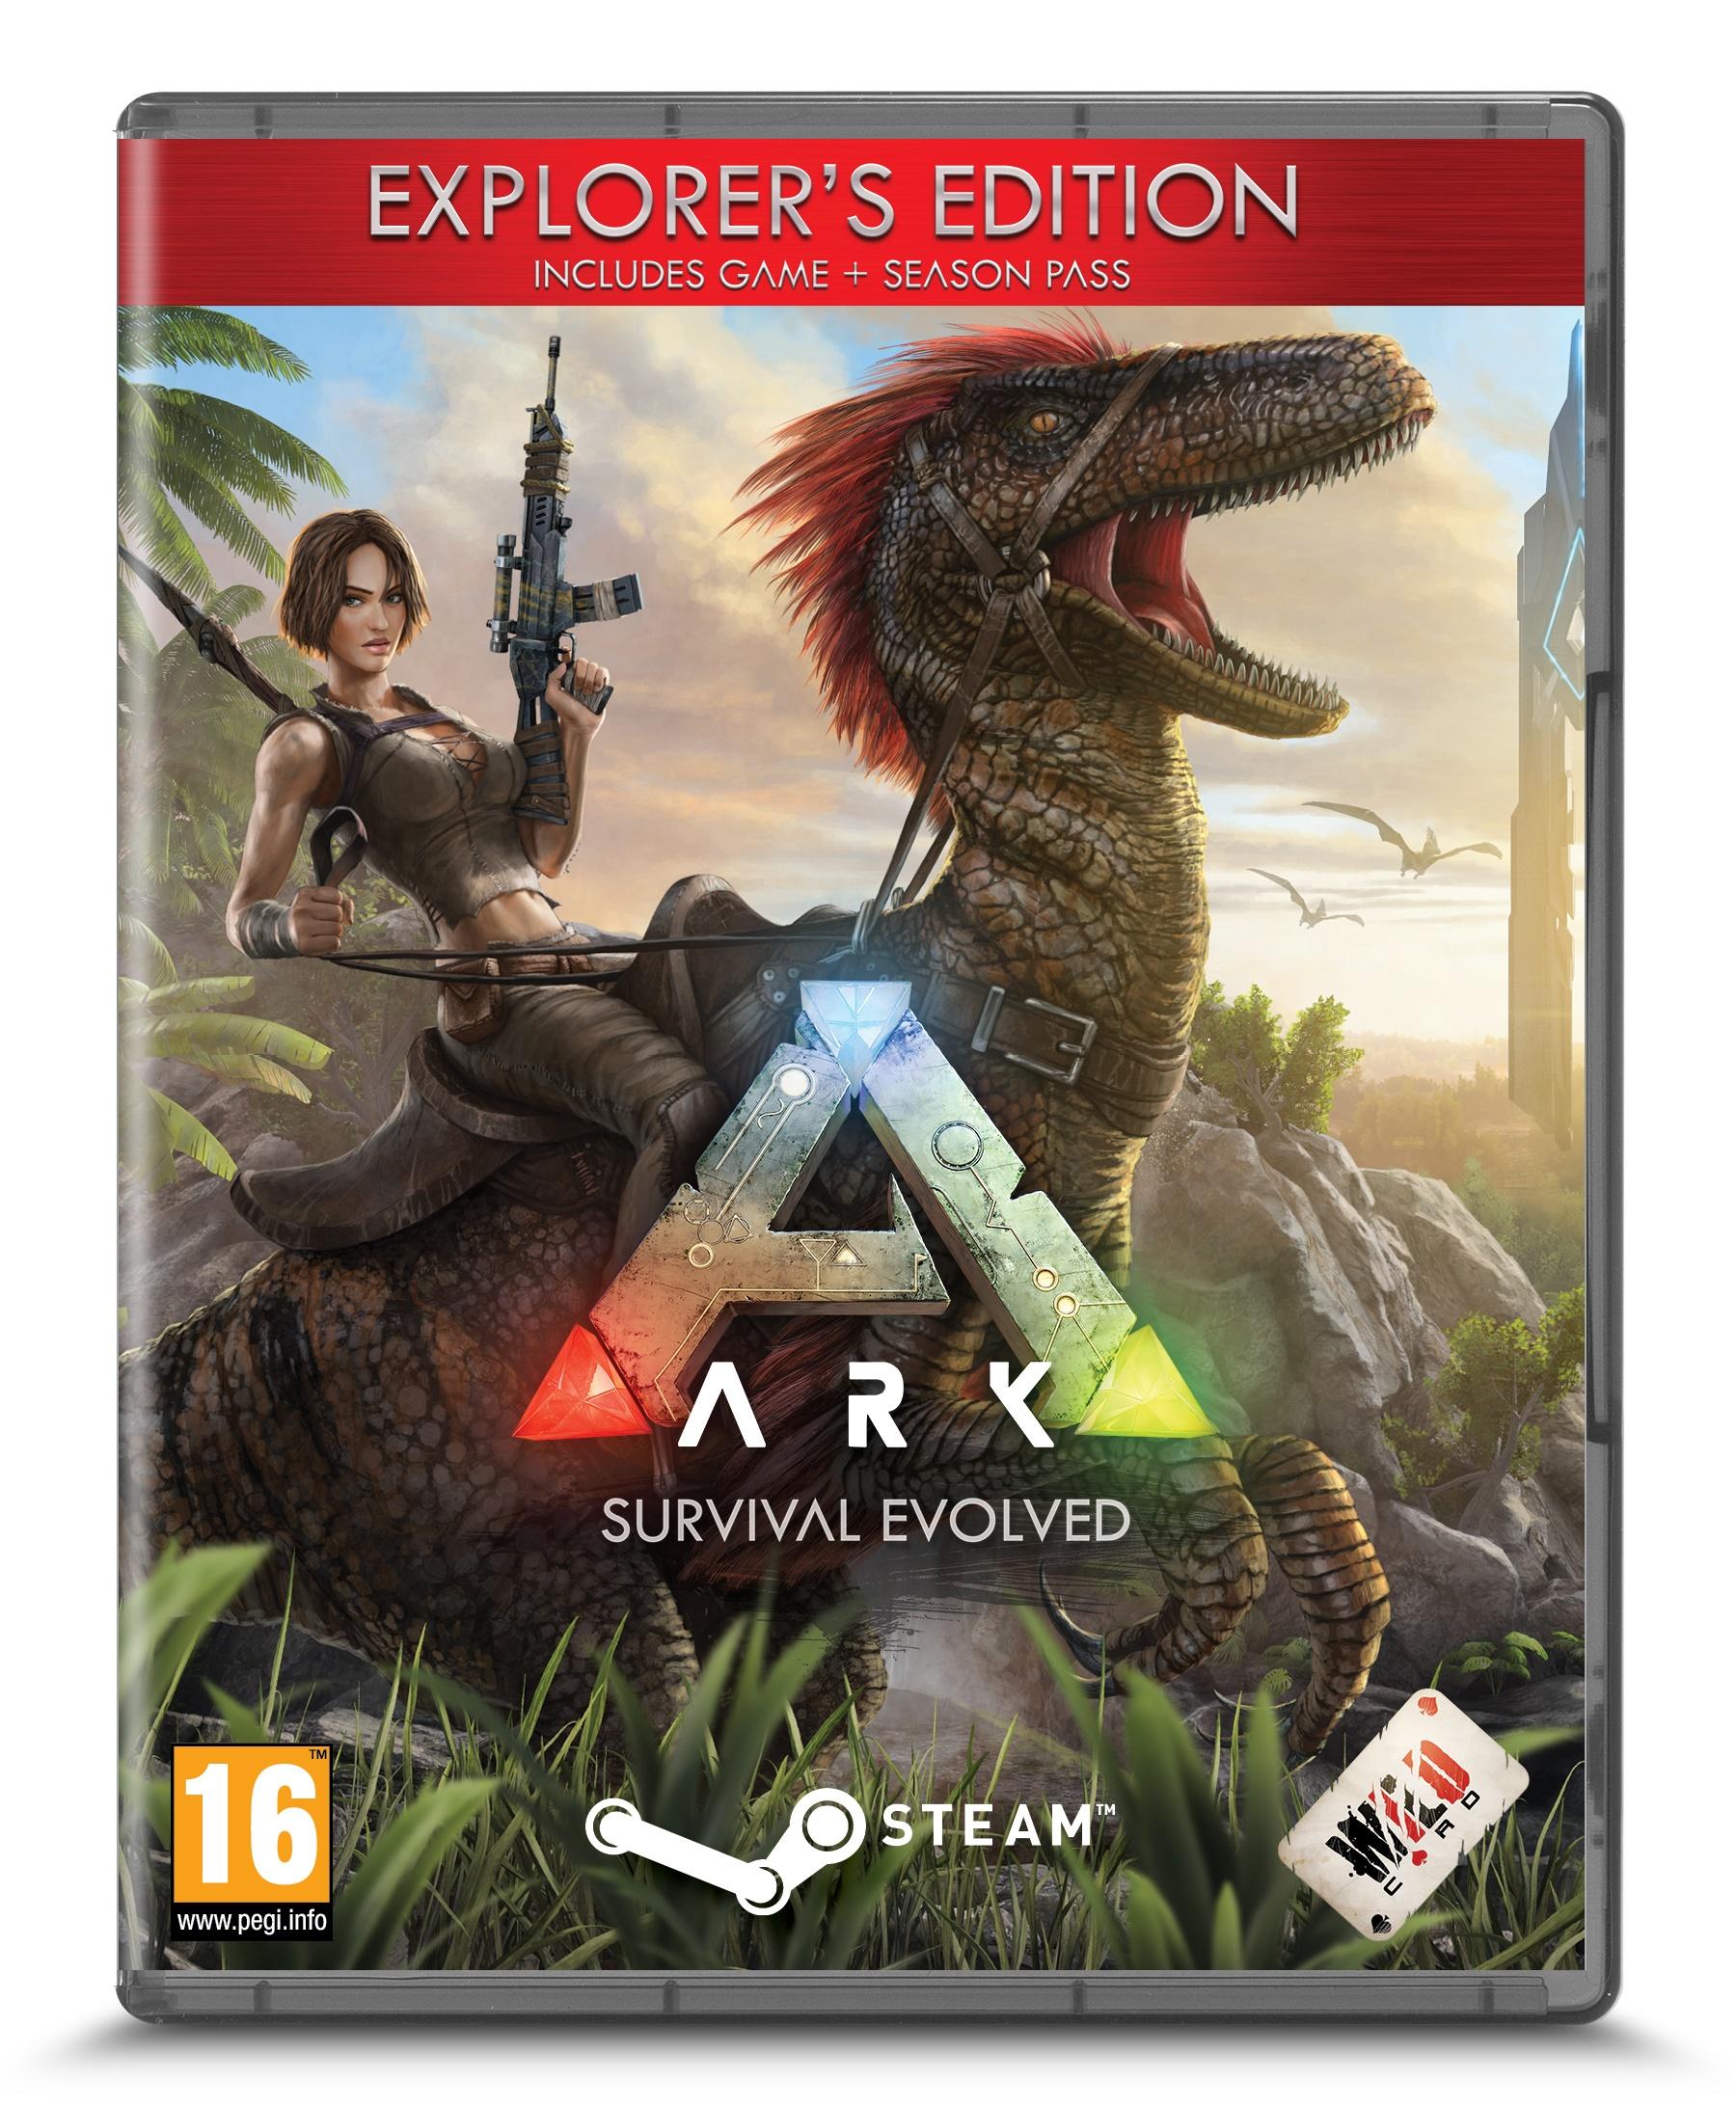 ark-survival-evolved-explorer-pc